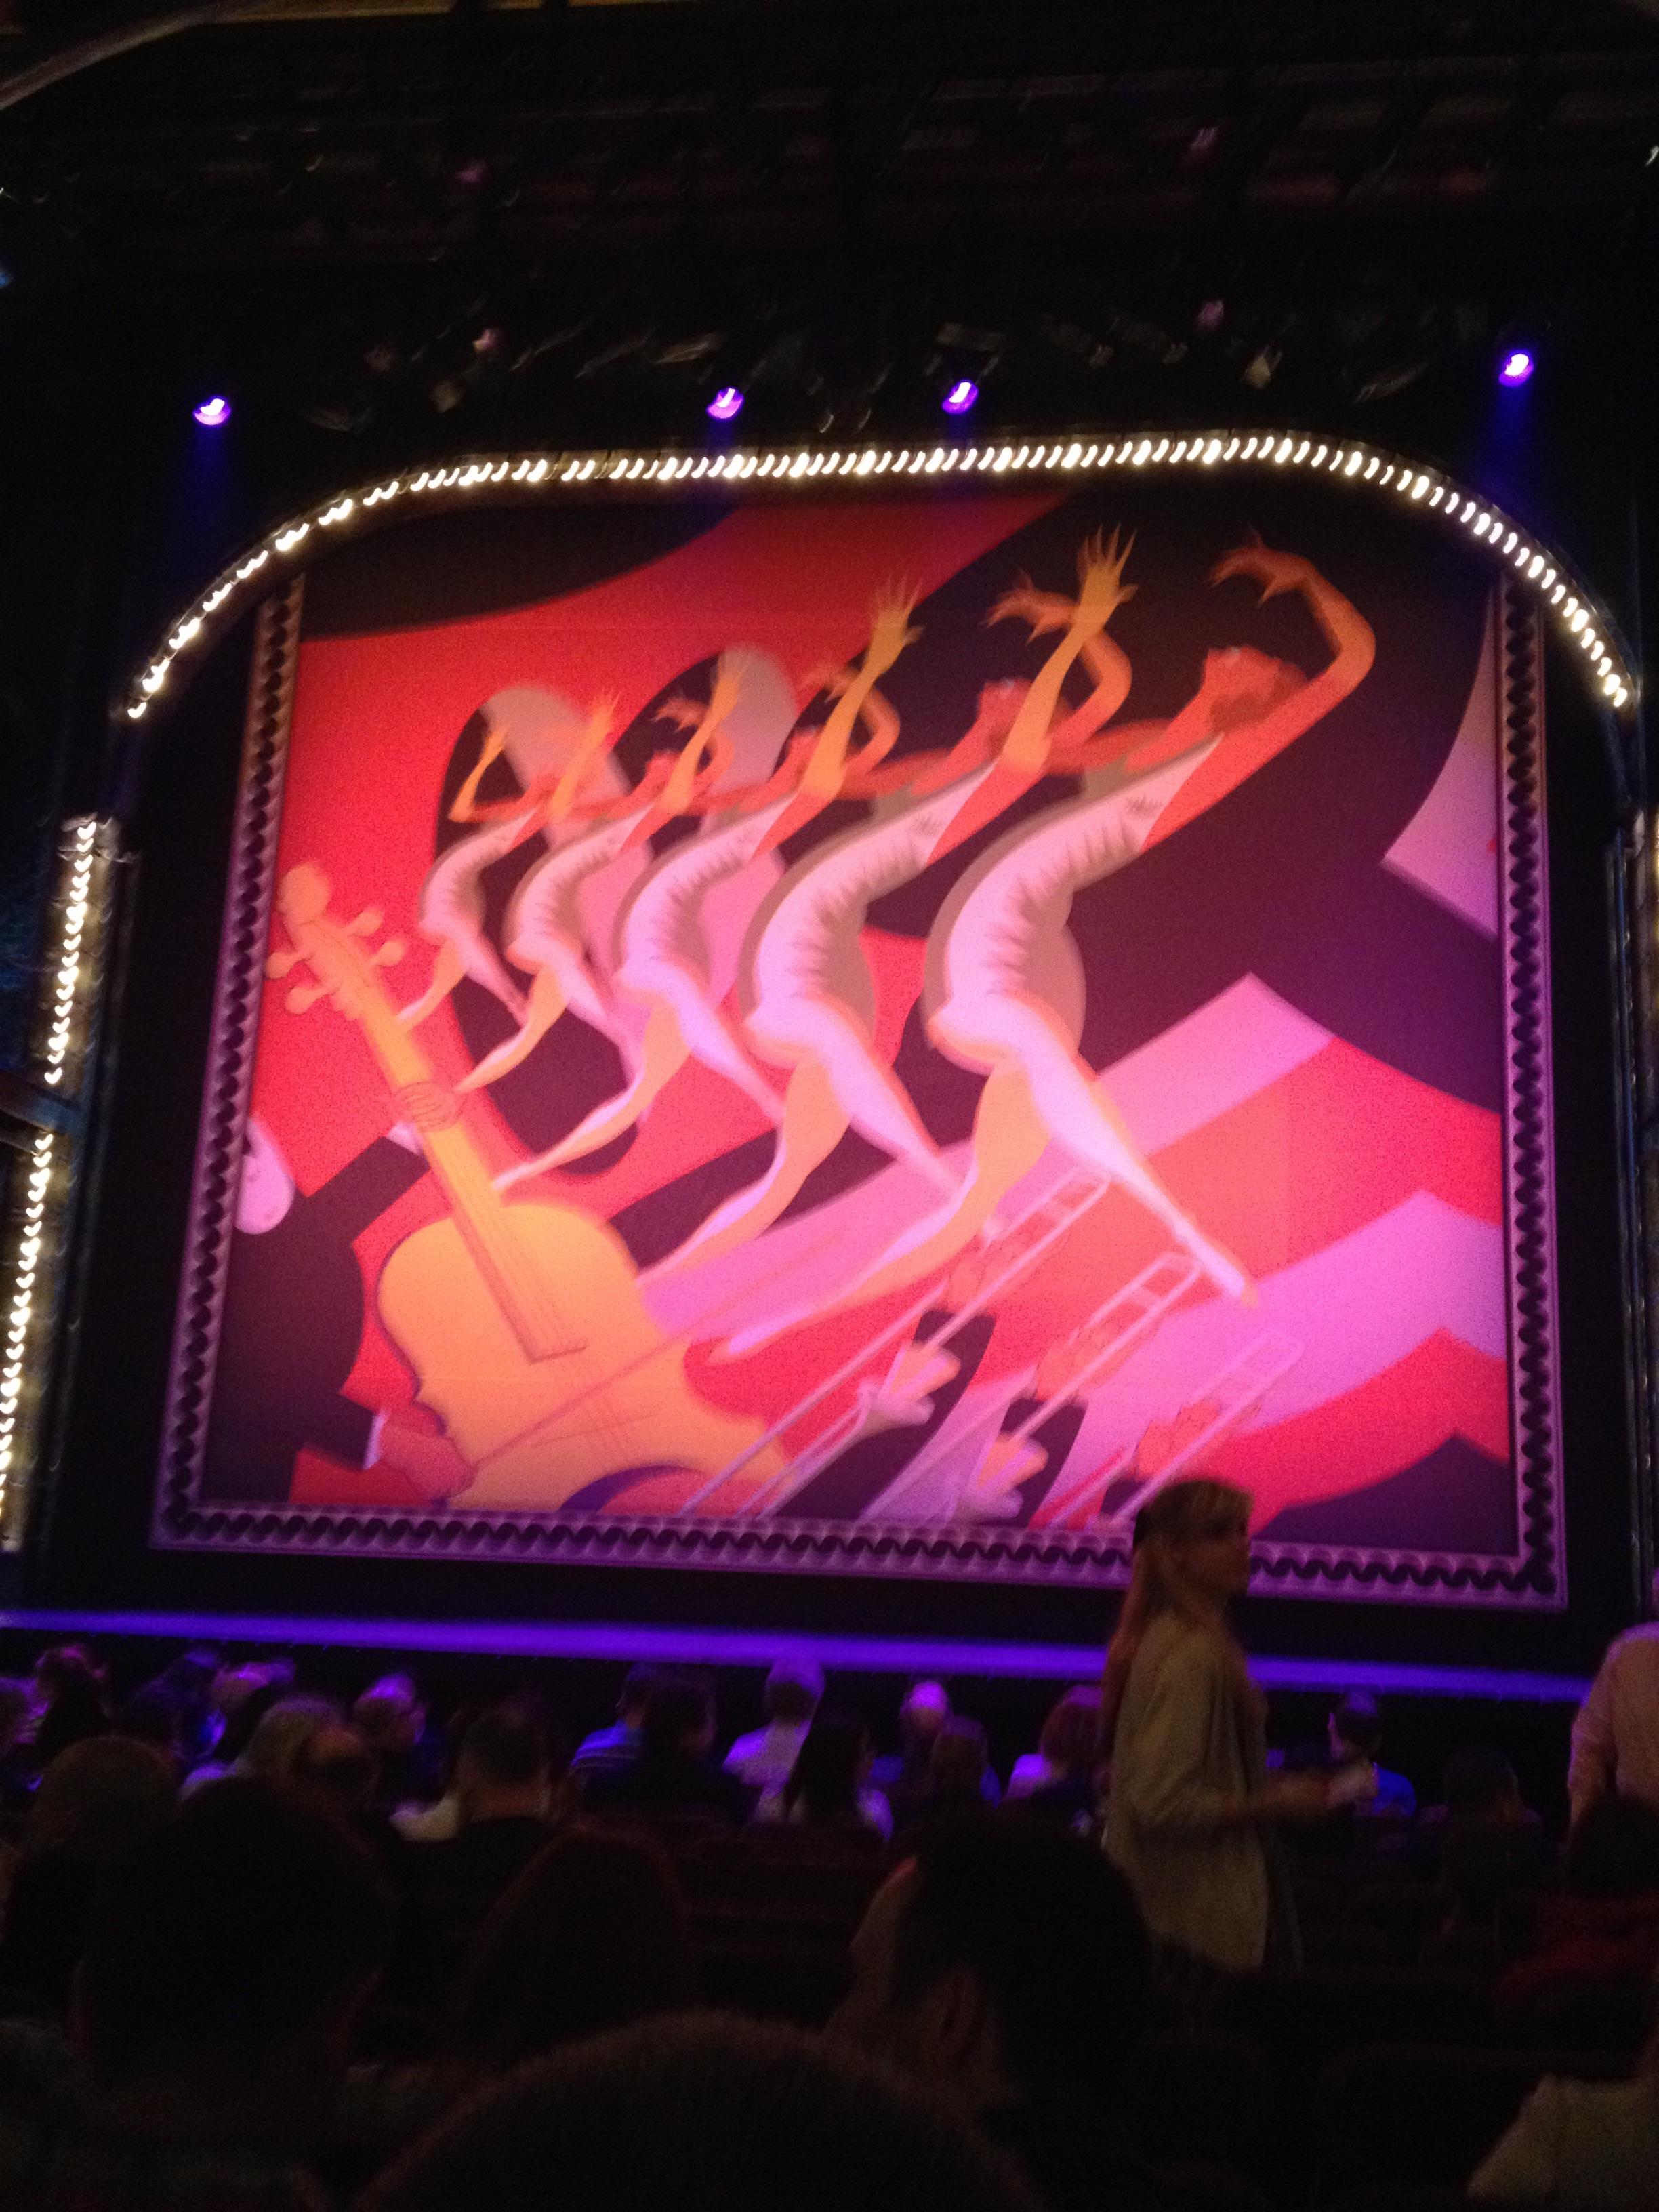 Woody Allen : Bullets over Broadway